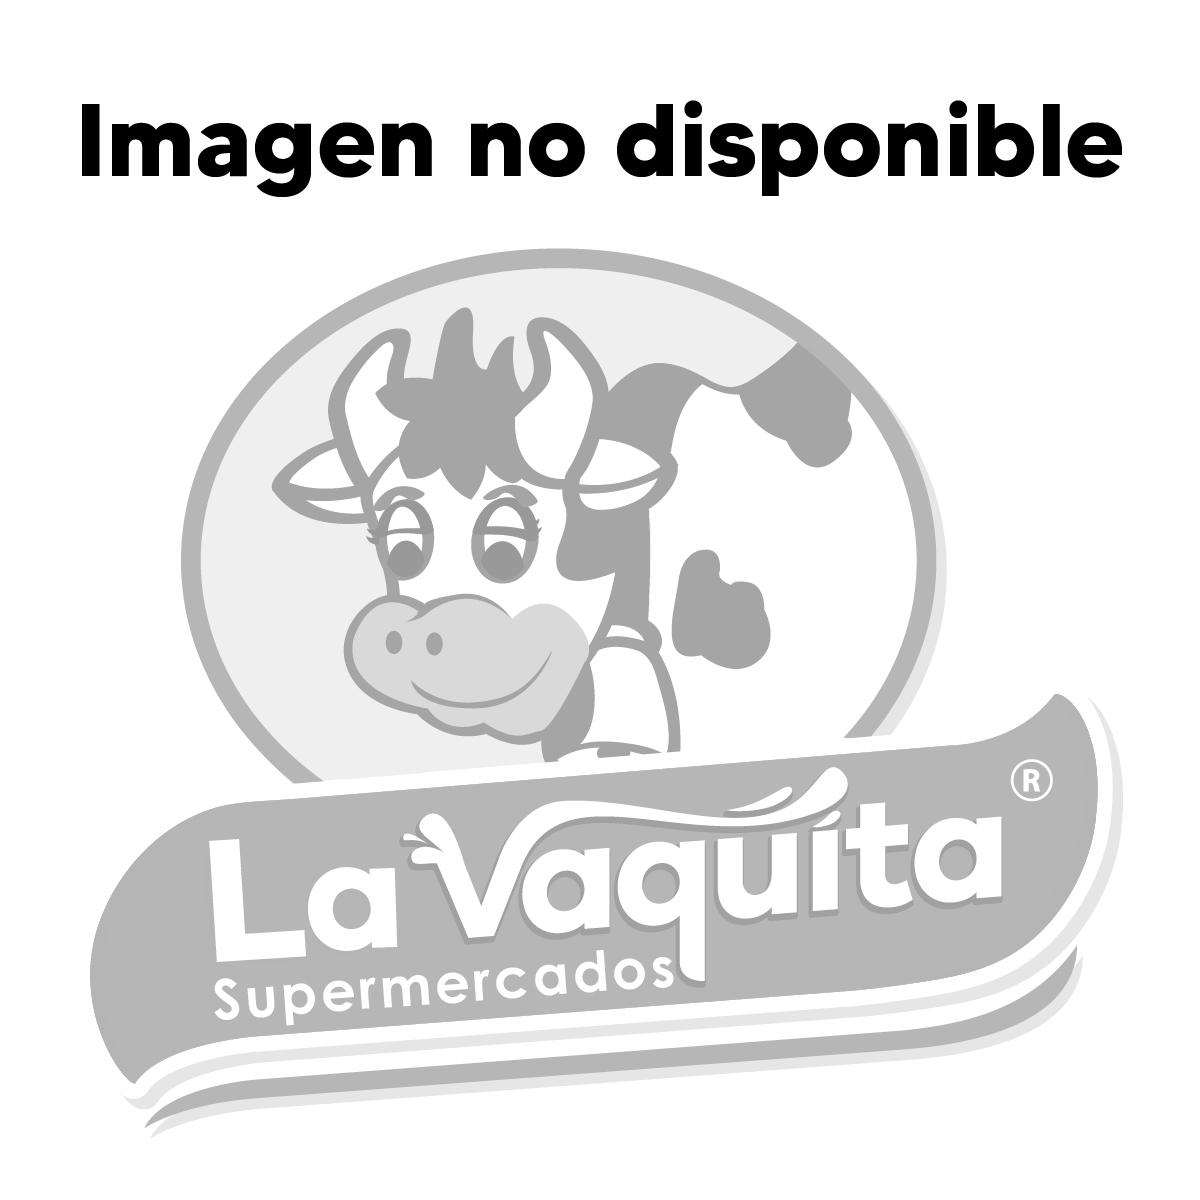 PAPEL HIG FAMILIA 9U EXPERT 4H